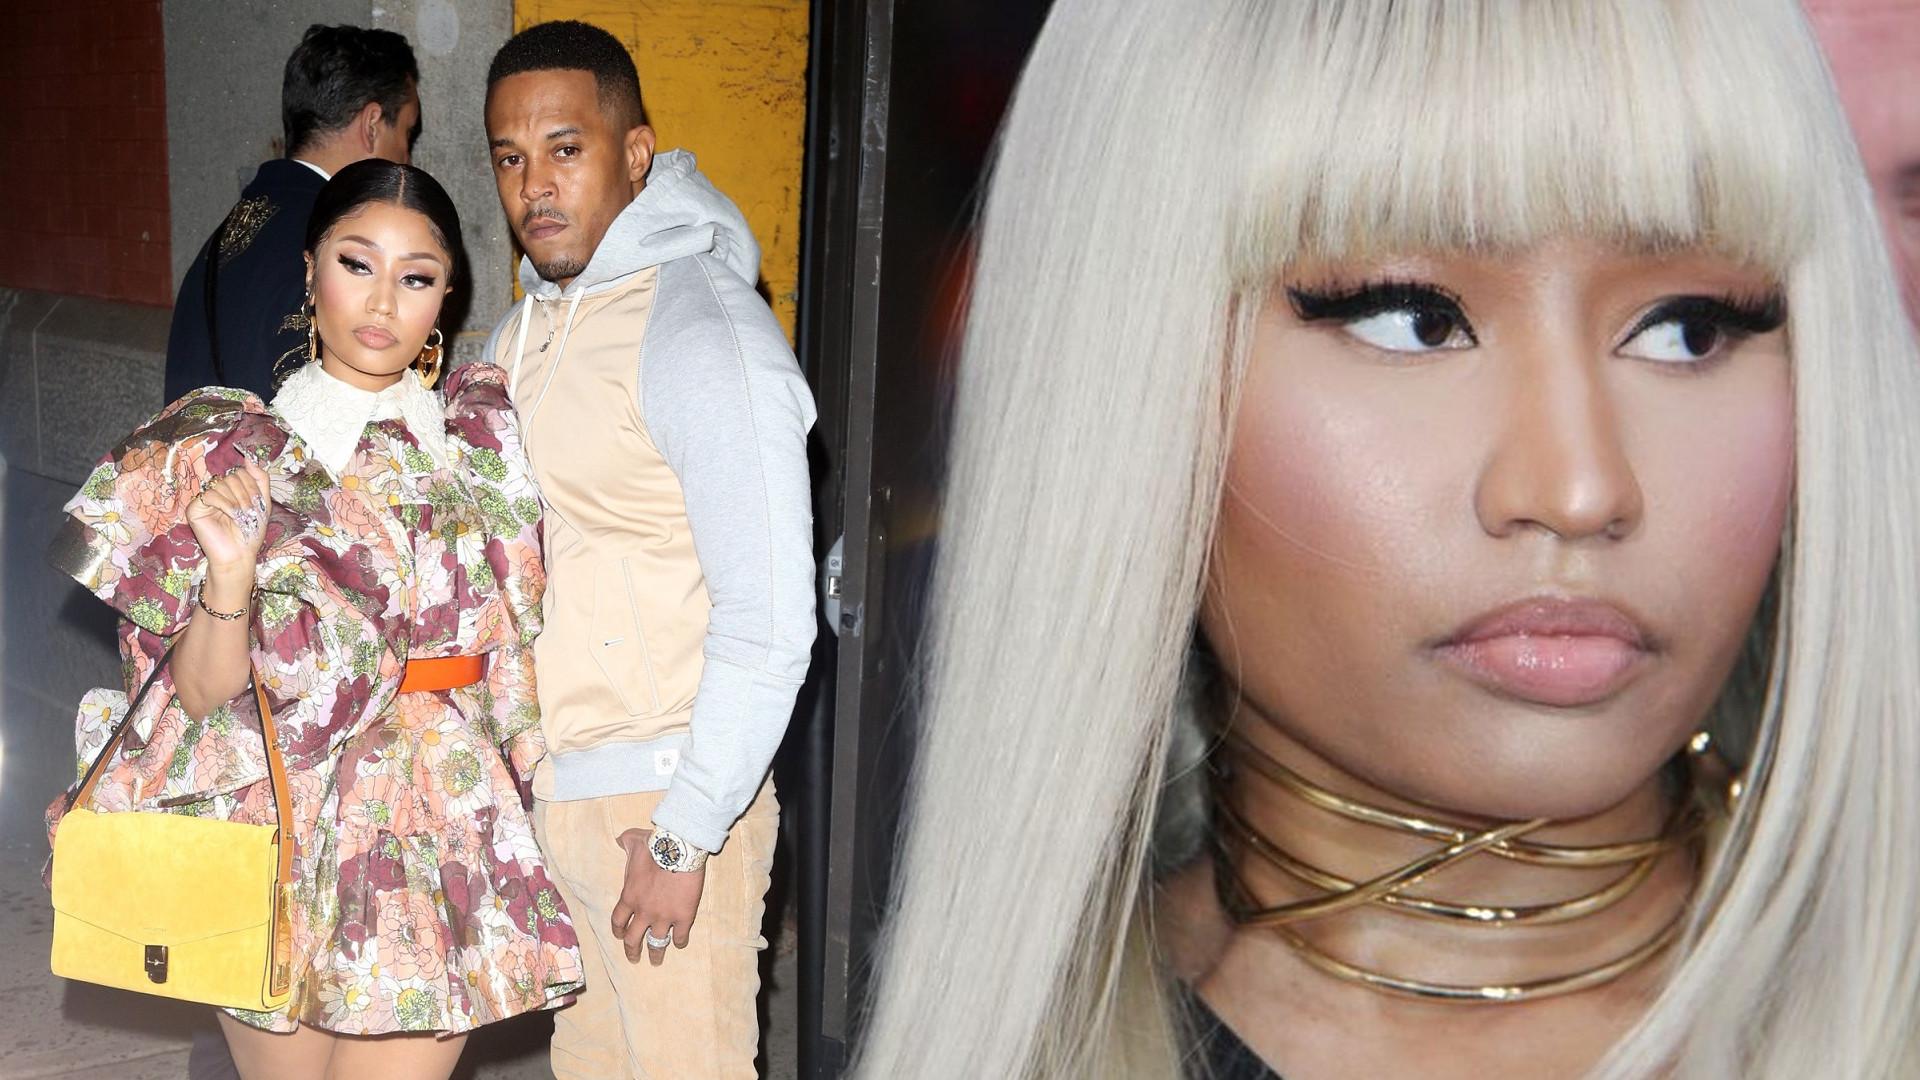 Nicki Minaj w ciąży?! Raperka opowiedziała o symptomach, jakie u siebie widzi: cały czas ma mdłości